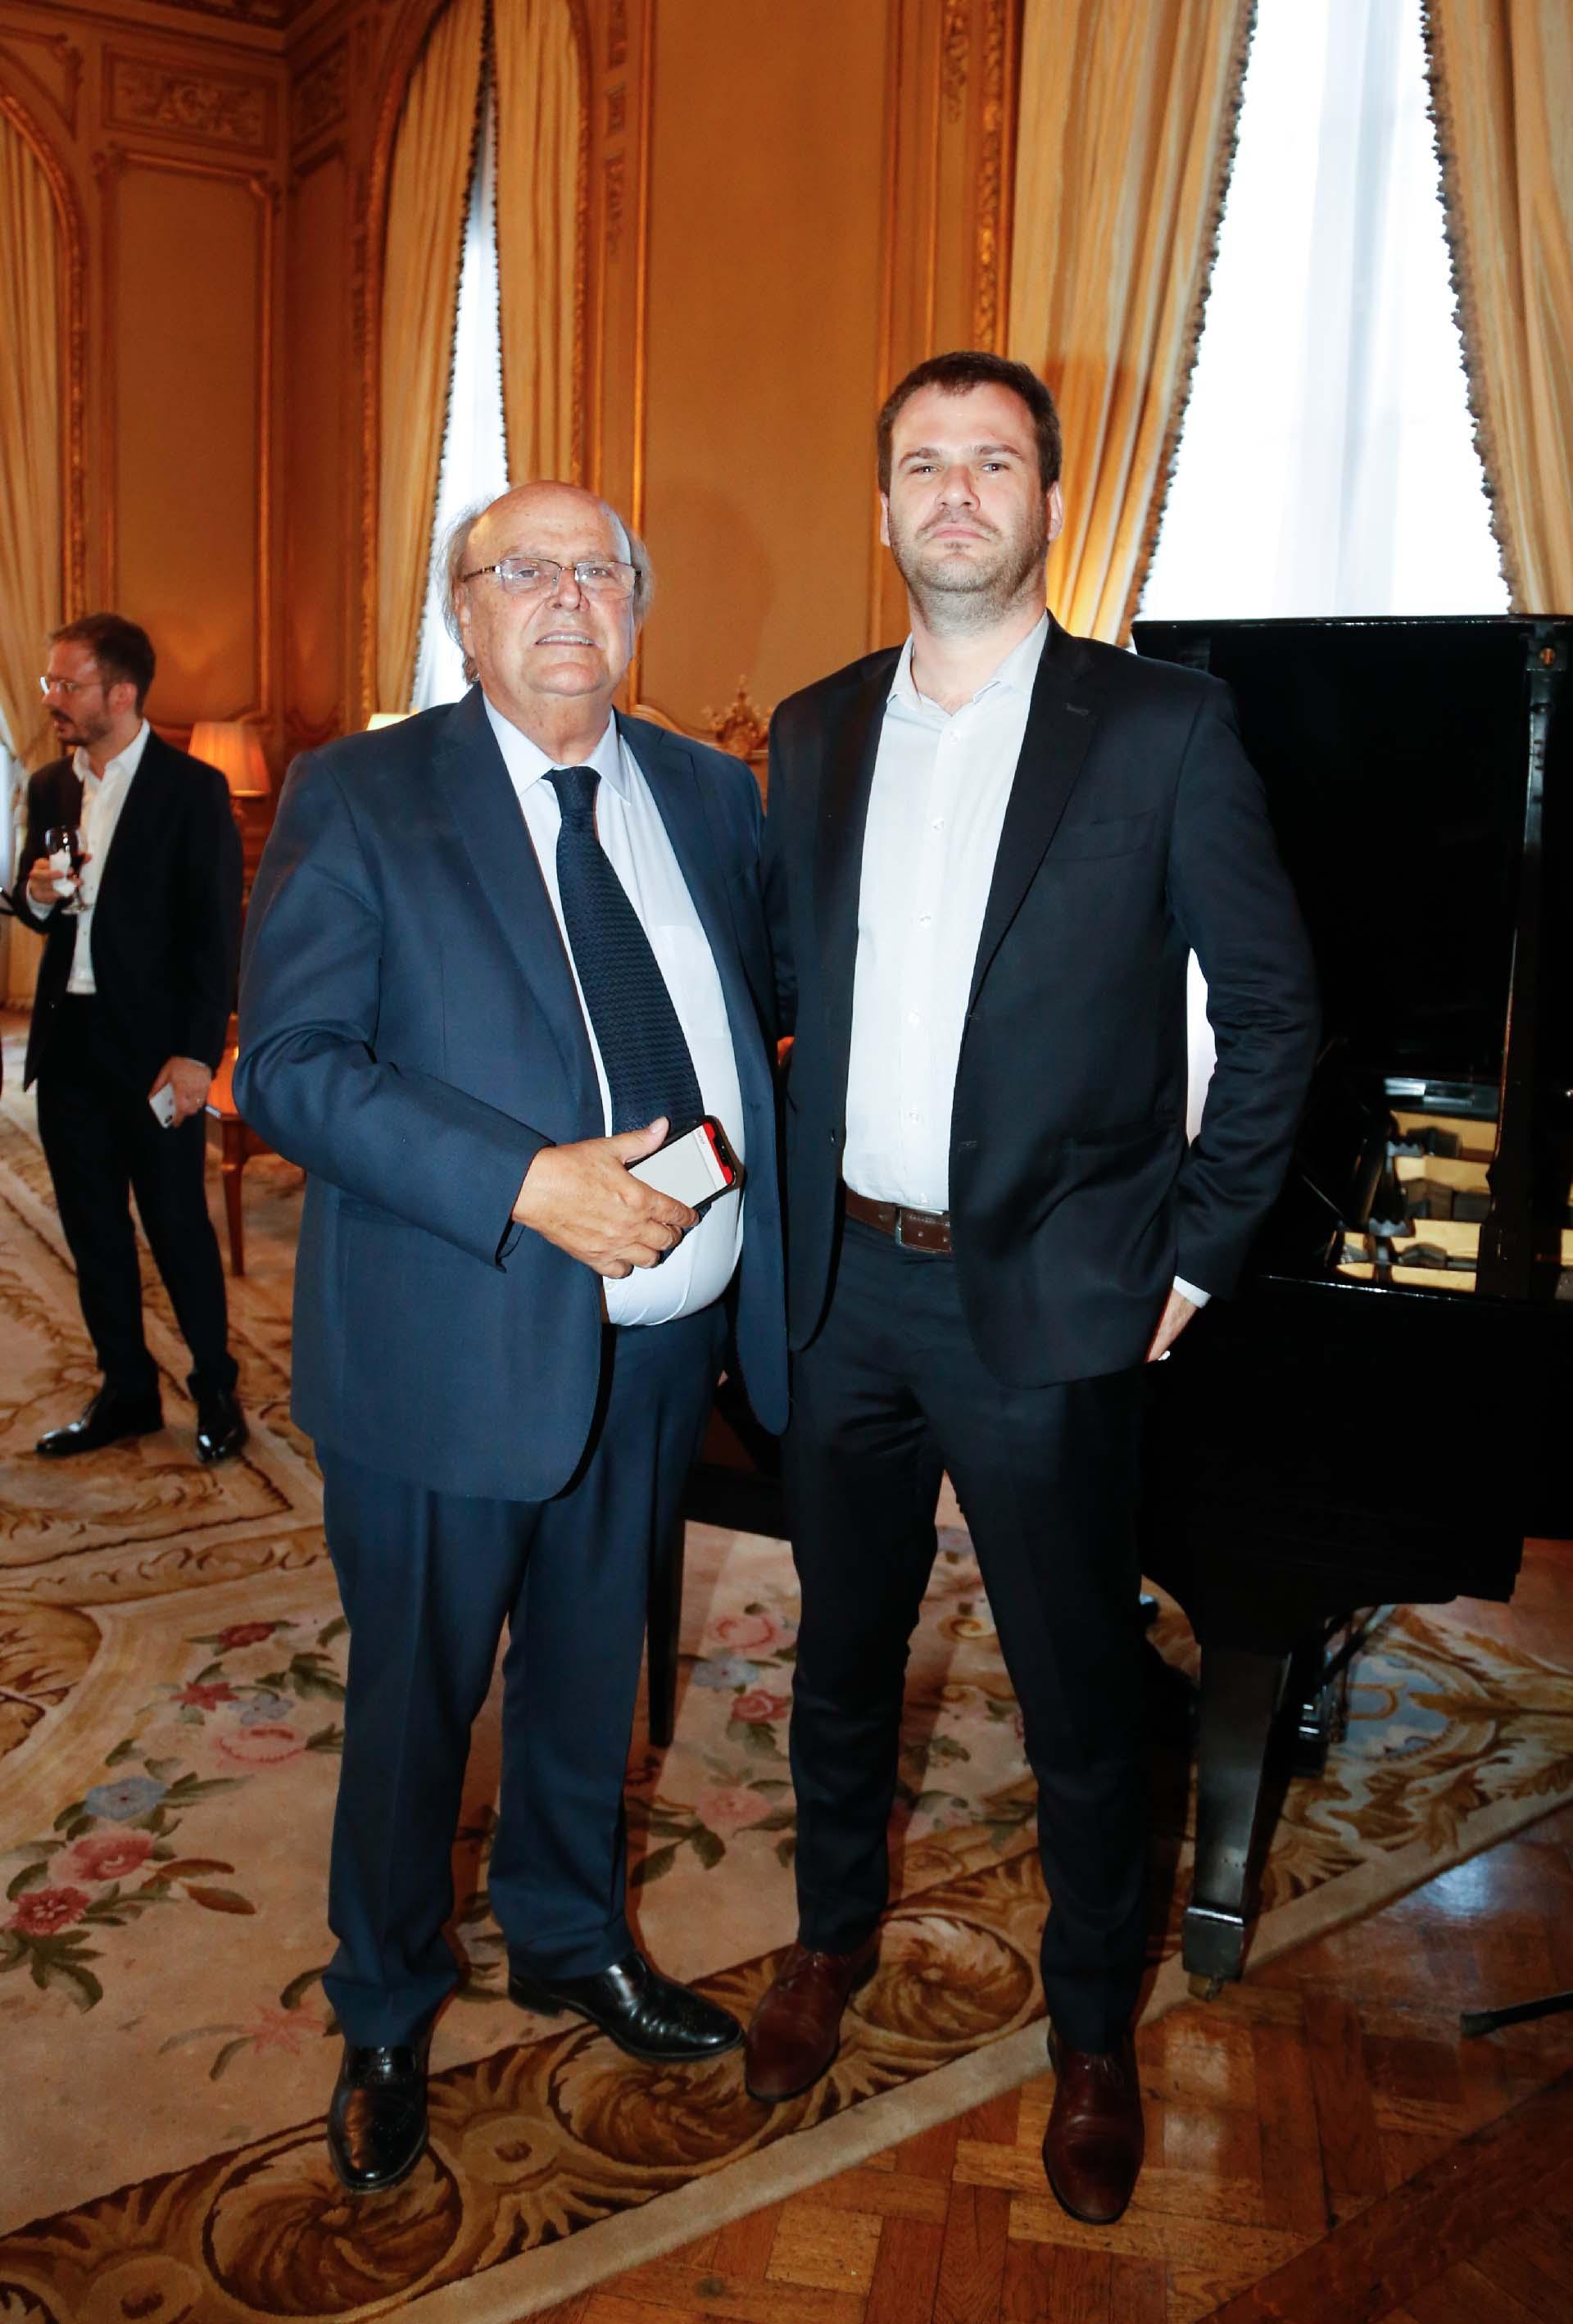 Los diputados José Ignacio De Mendiguren y Juan Manuel López